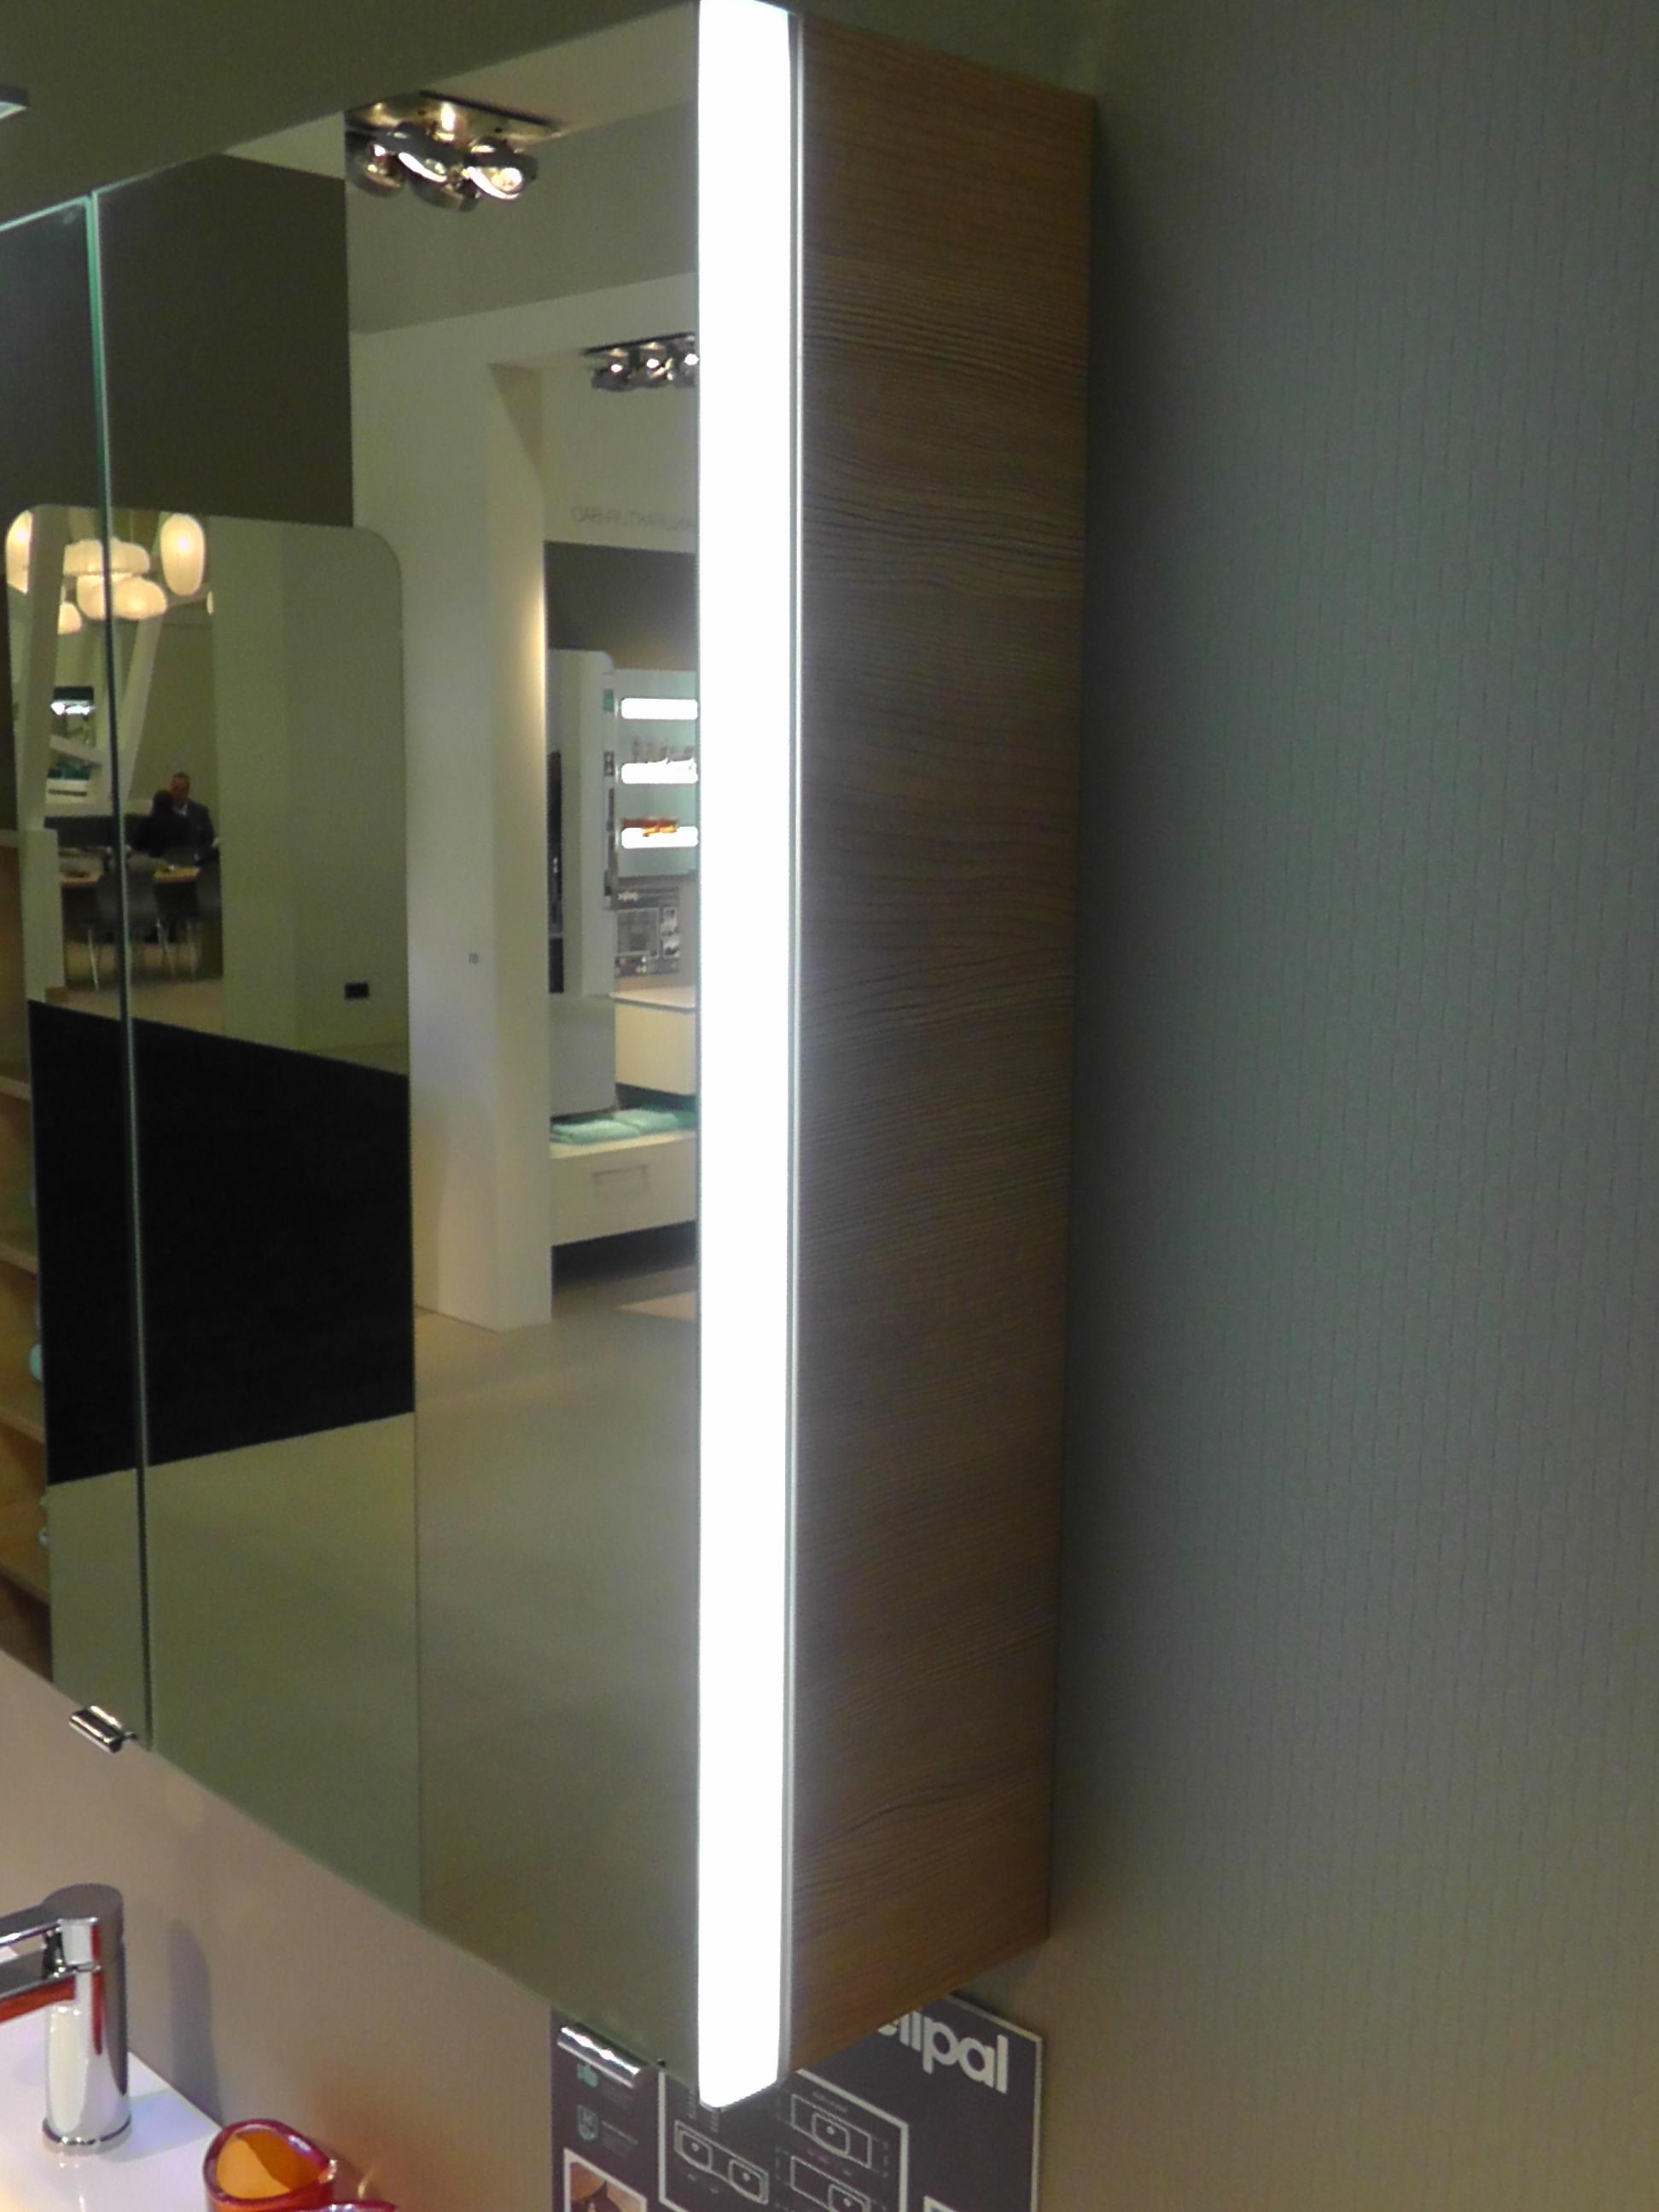 Spiegelschrank Beleuchtung Seitlich : PELIPAL PCON SPIEGELSCHRANK LEDBeleuchtung 120 cm  Arcom Center